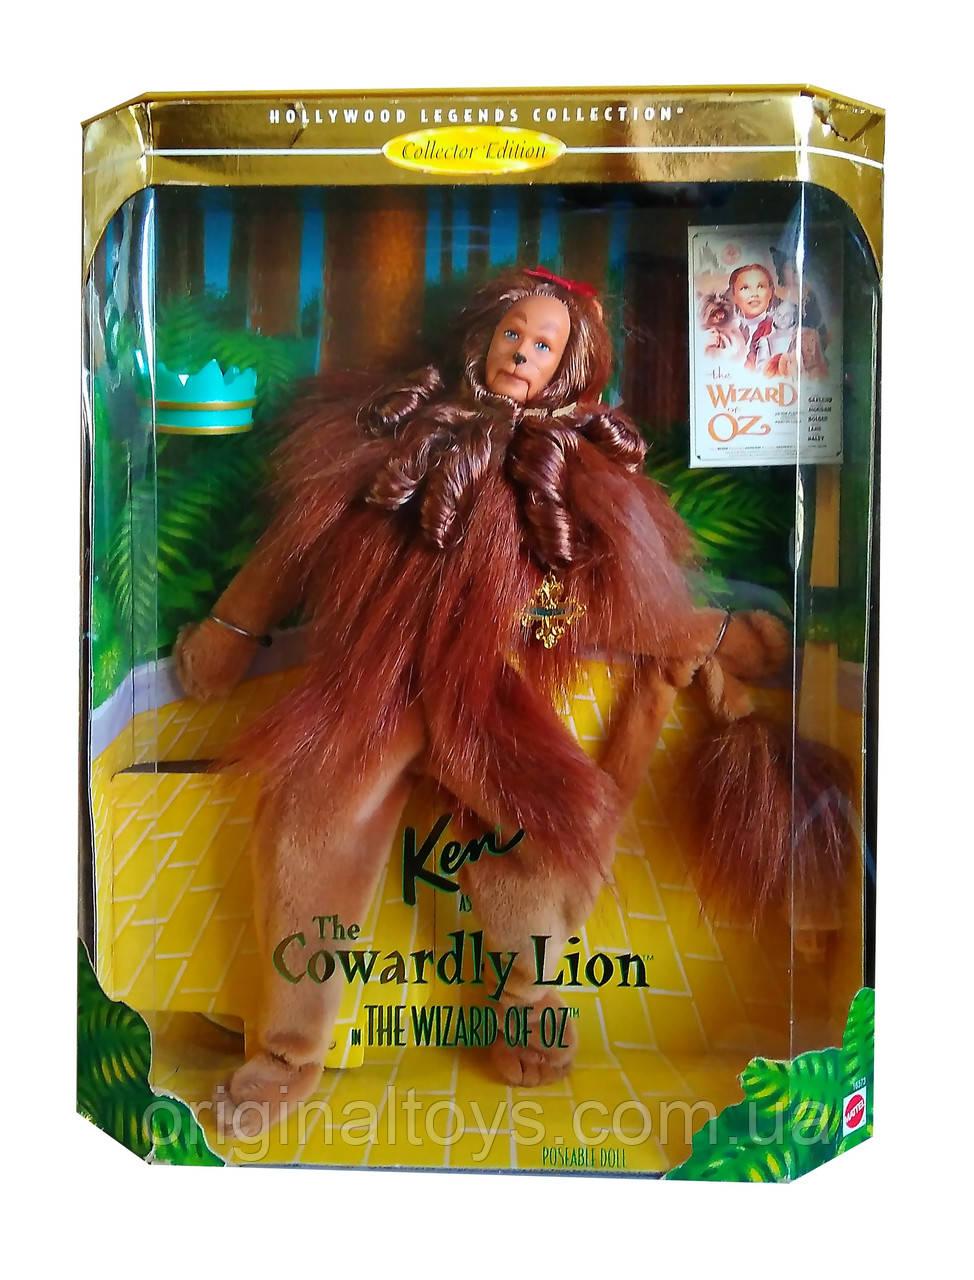 Коллекционная кукла Барби Кен Волшебник страны Оз Трусливый Лев Barbie Cowardly Lion The Wizard of Oz Mattel